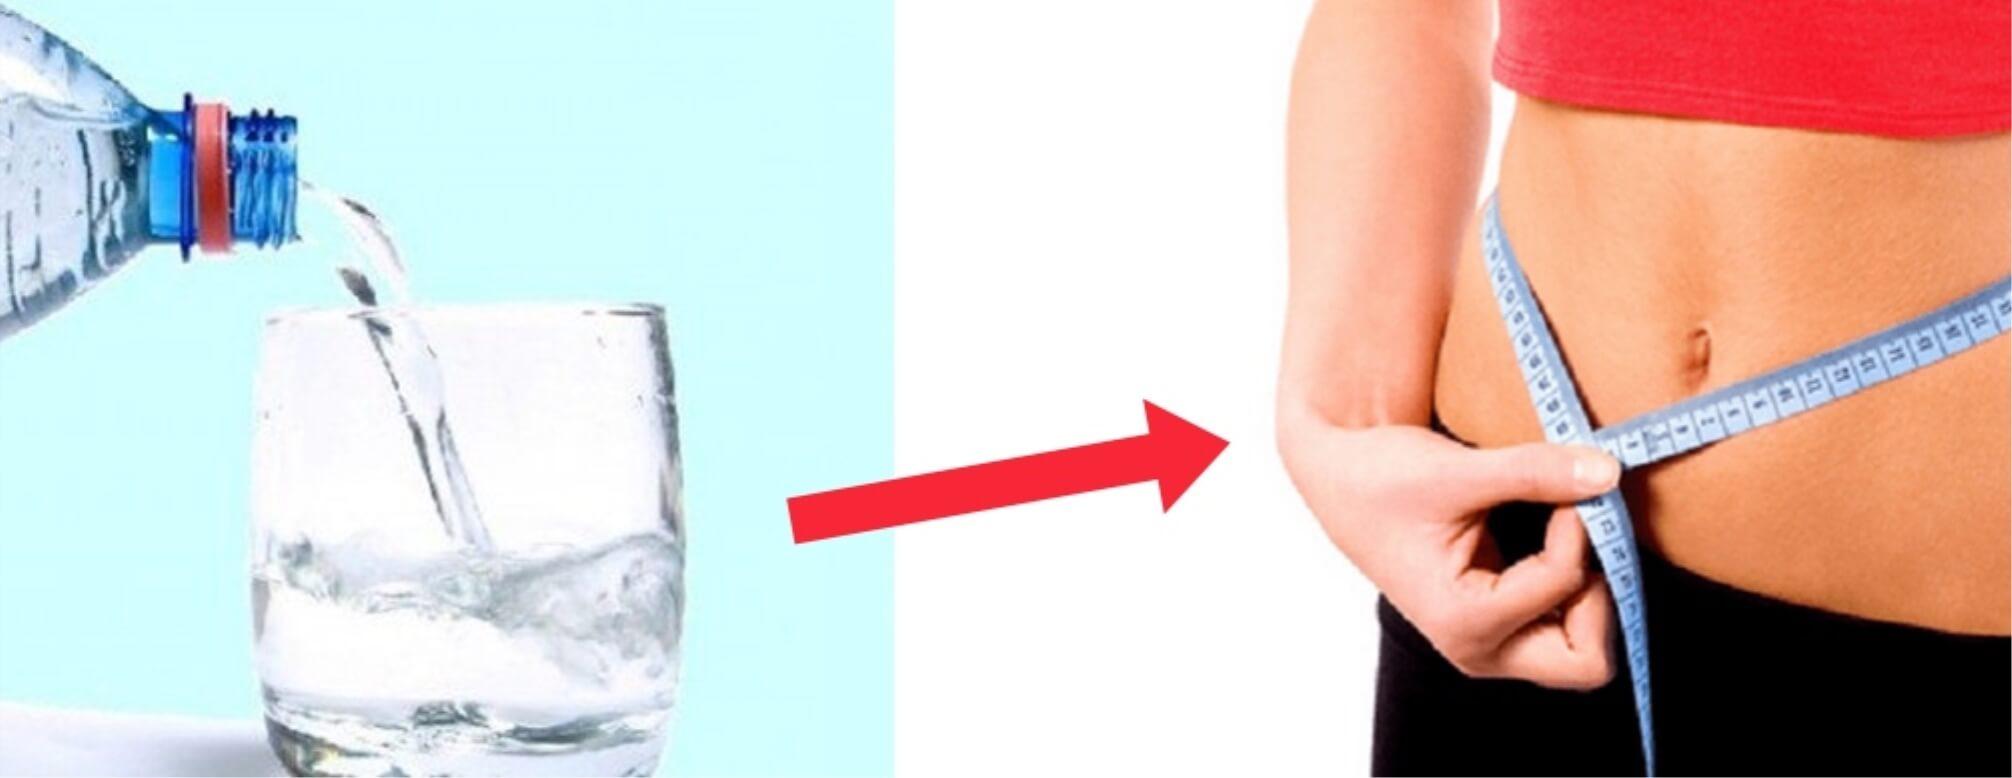 quanta acqua dovrei bere per una perdita di peso ottimale